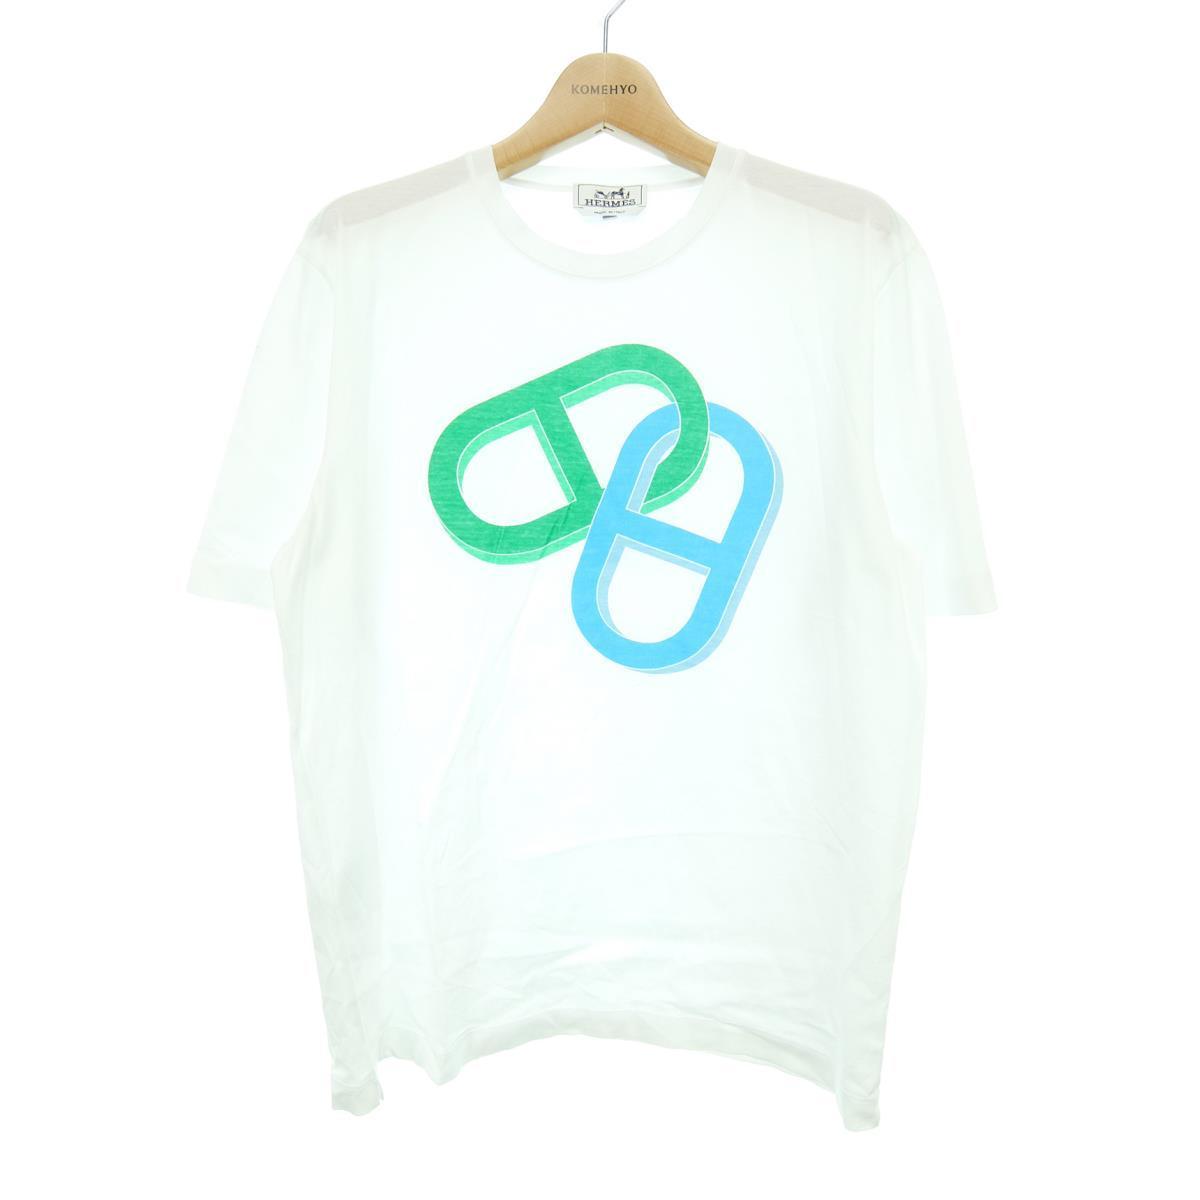 エルメス HERMES Tシャツ【中古】